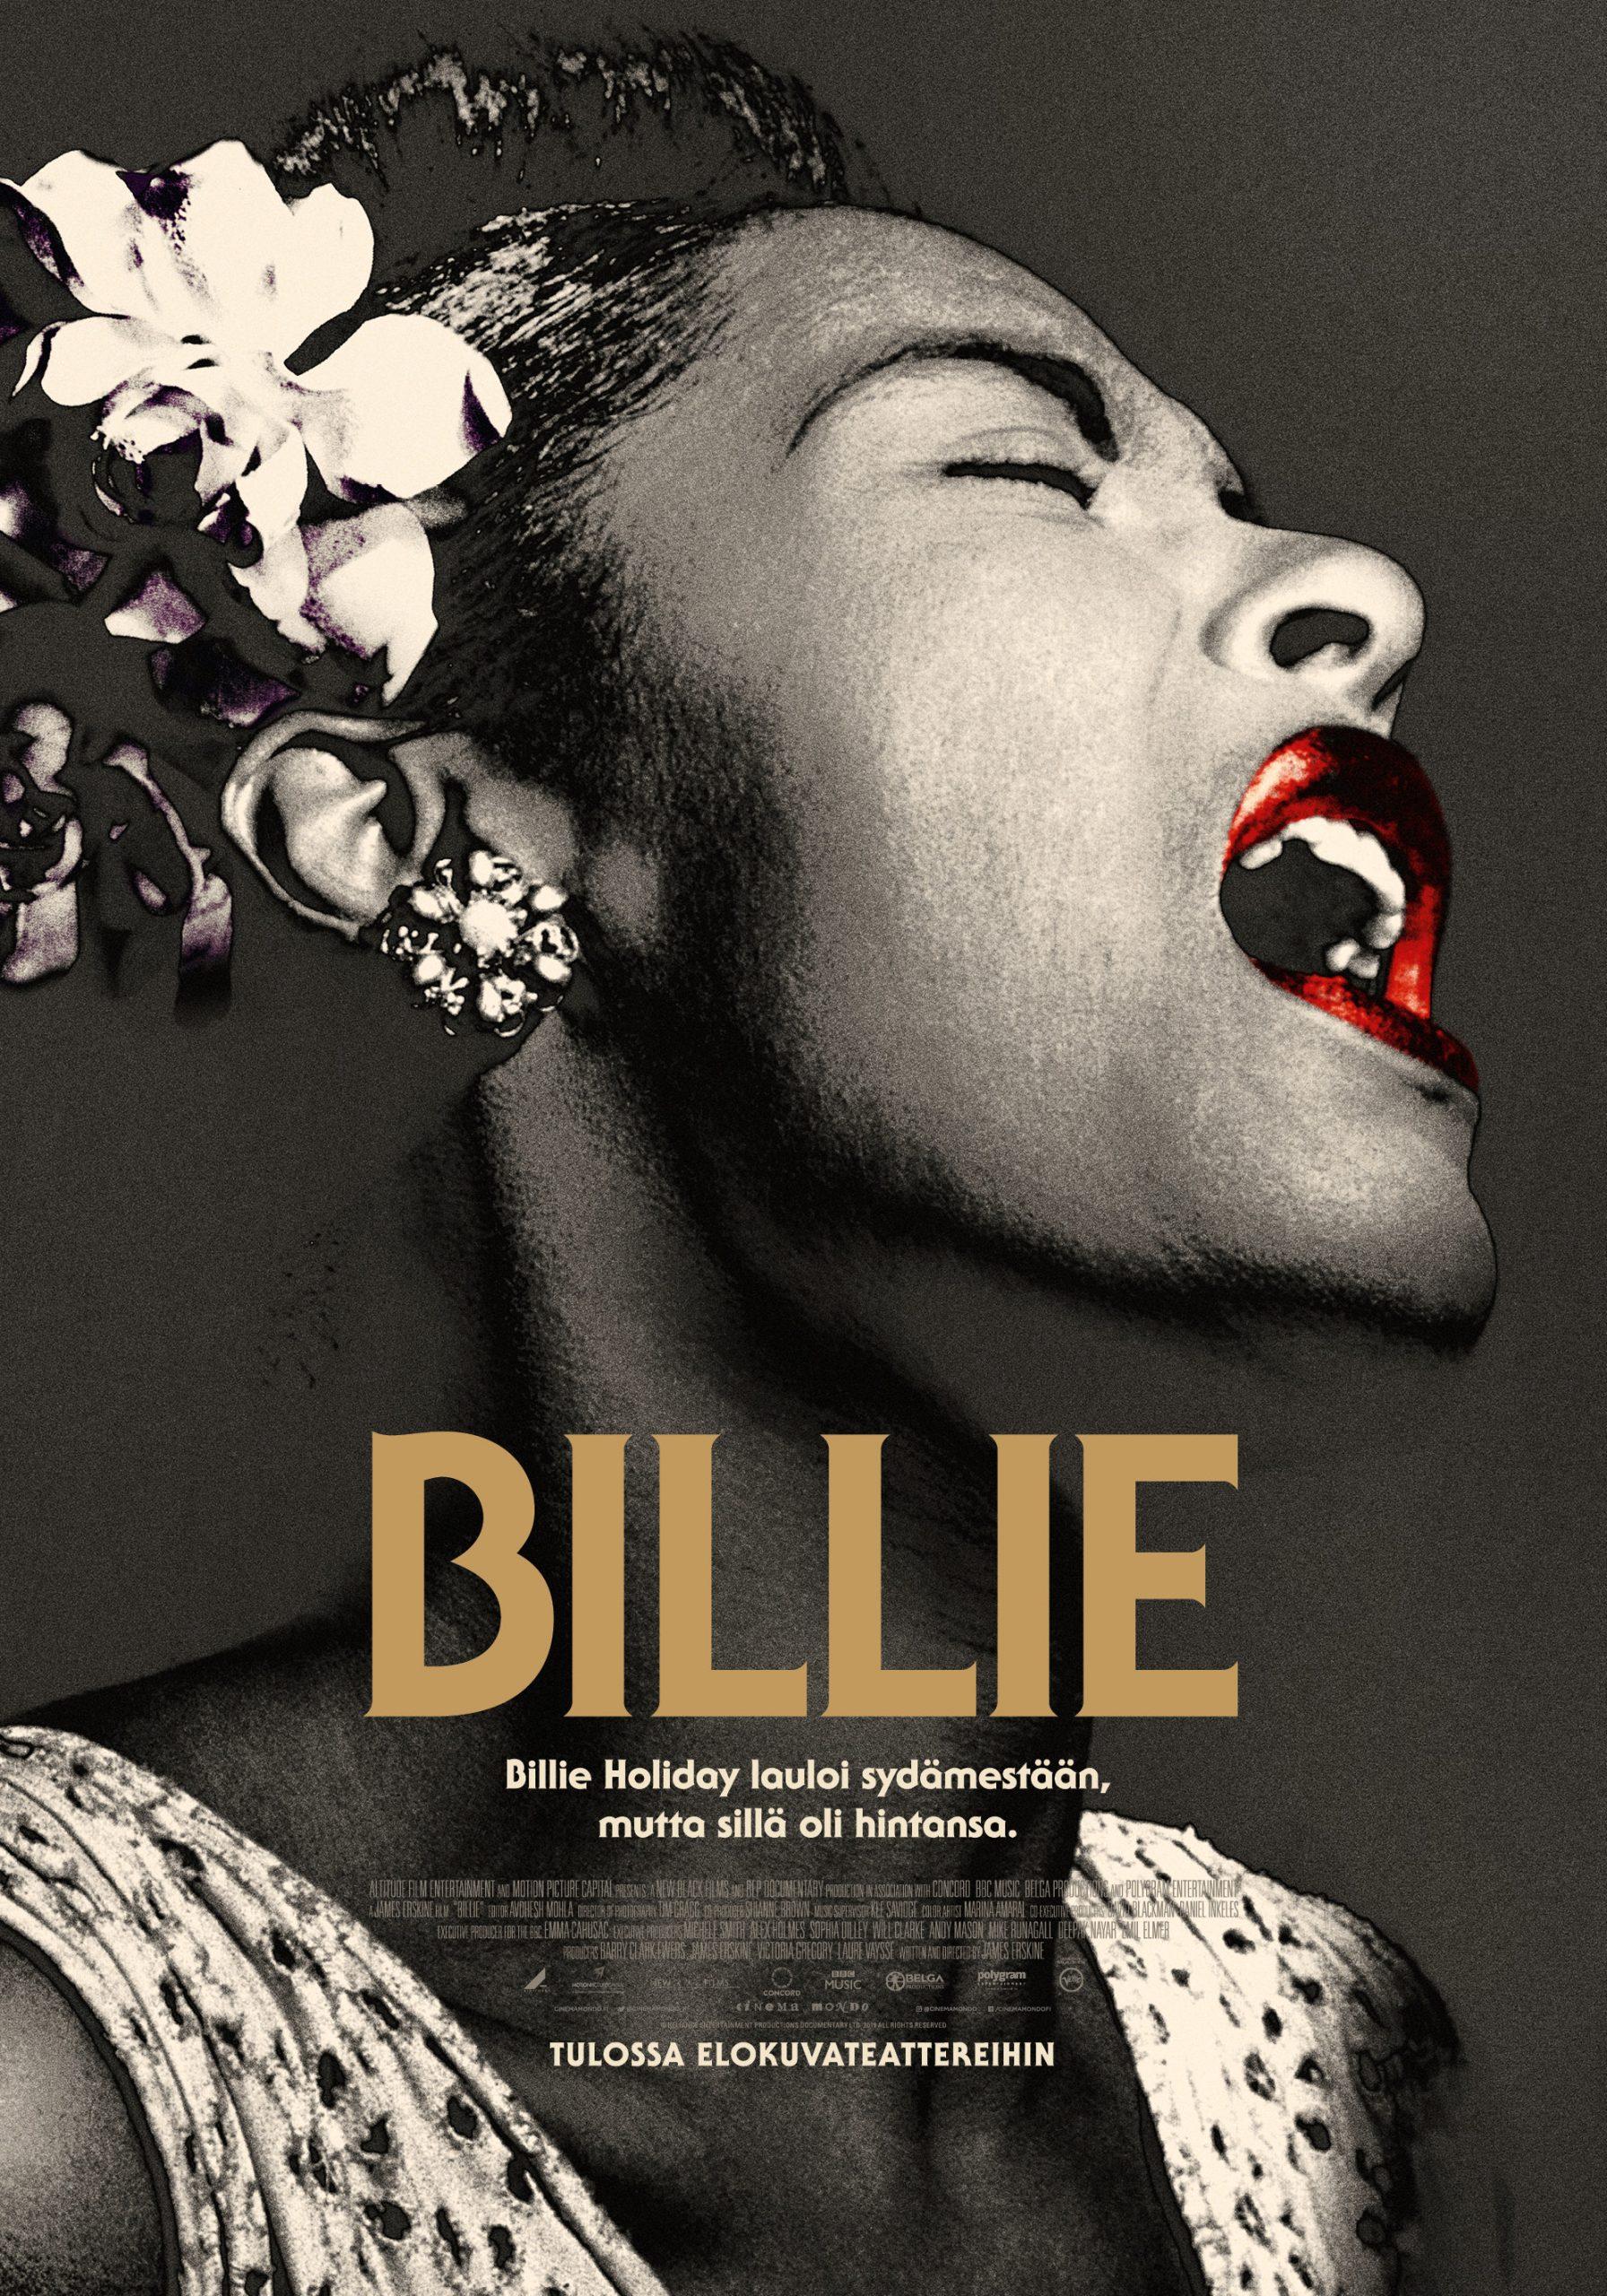 Laulajalegenda Billie Holidaysta kertova Billie Kangasala-talon K-Kinossa marraskuussa 2020.